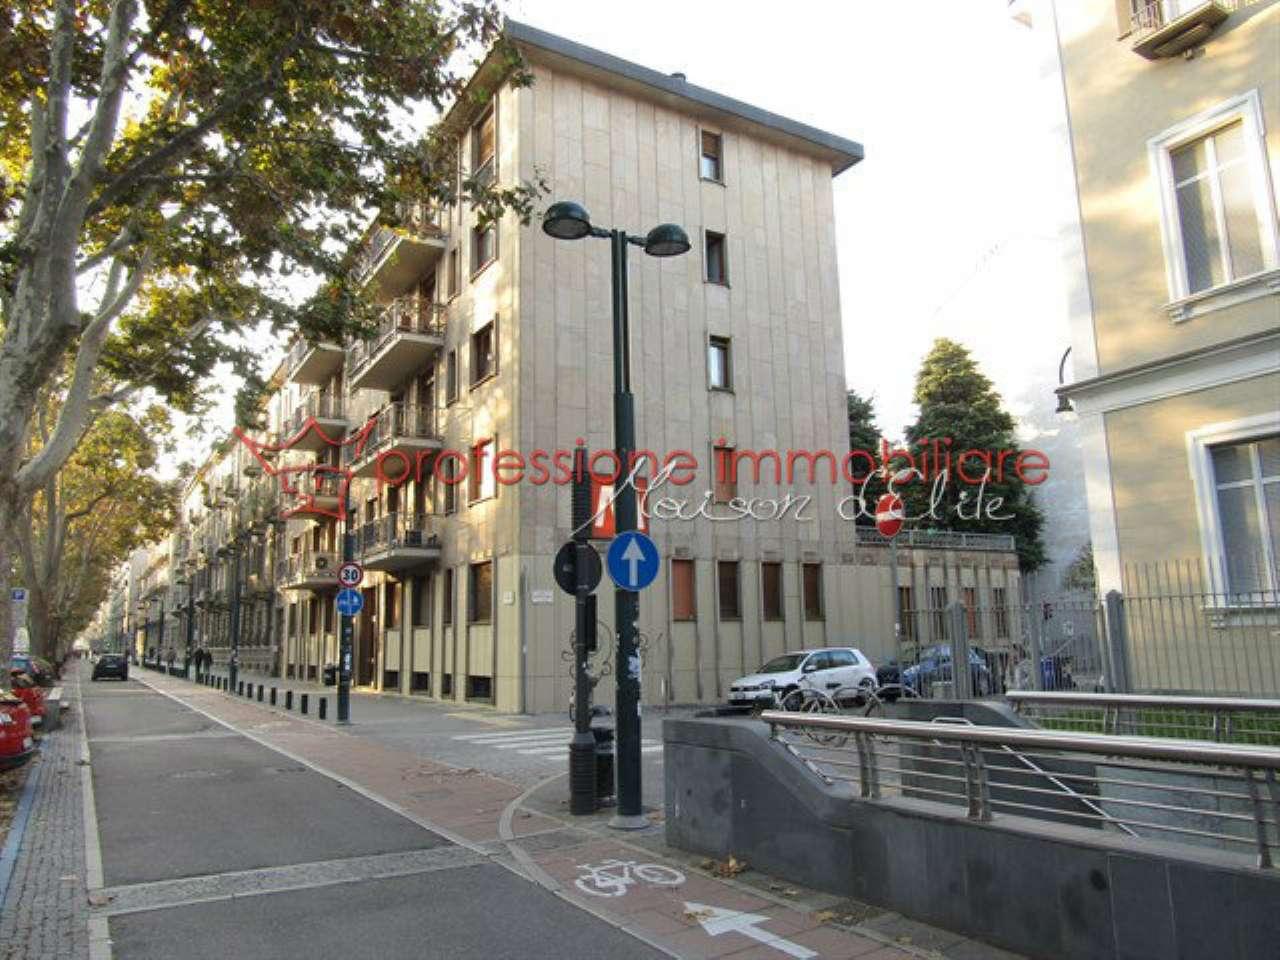 Foto 2 di Appartamento corso Francia, Torino (zona Cit Turin, San Donato, Campidoglio)